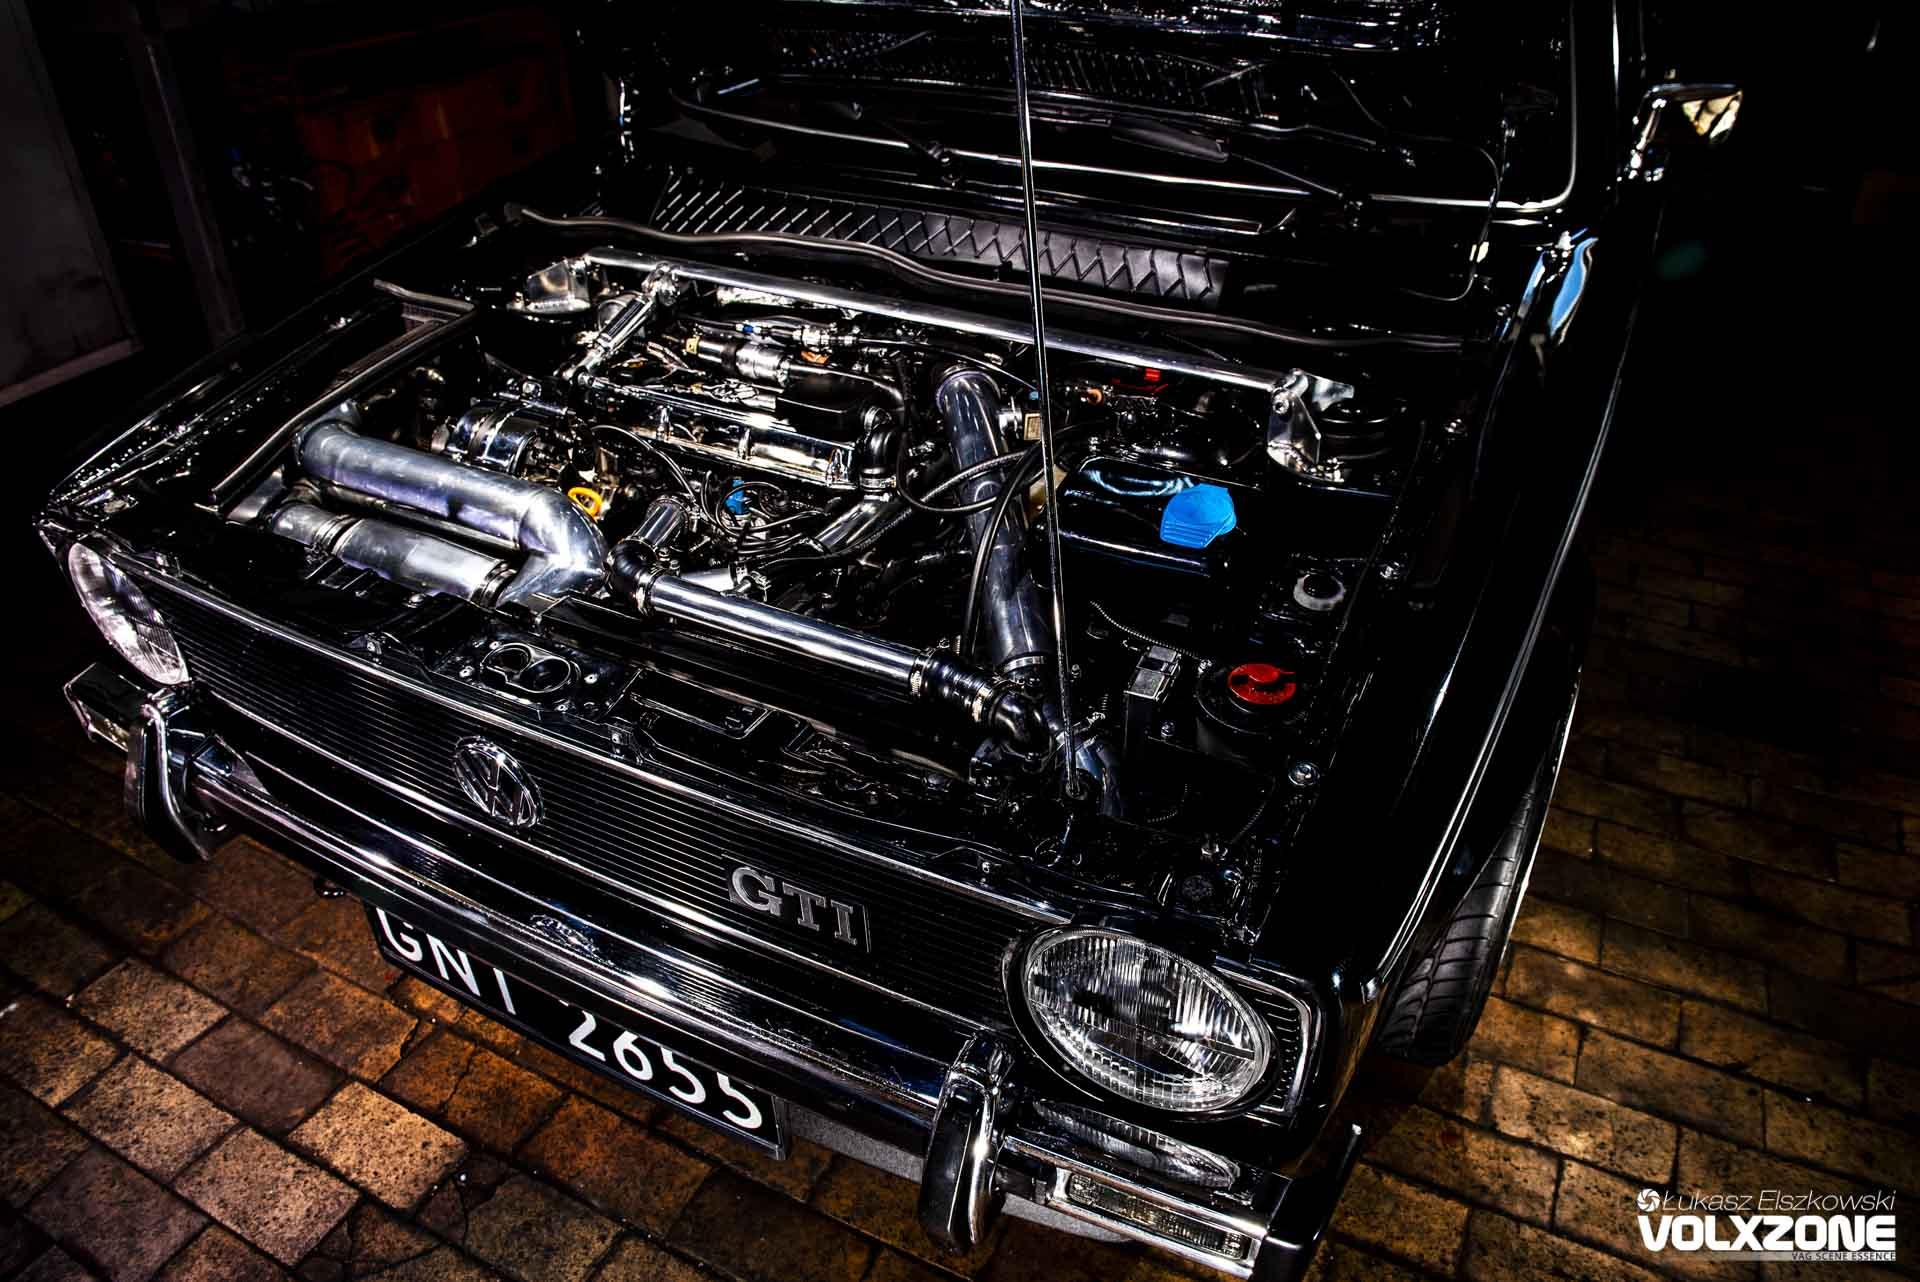 Volkswagen Golf MK1 1.8 G60